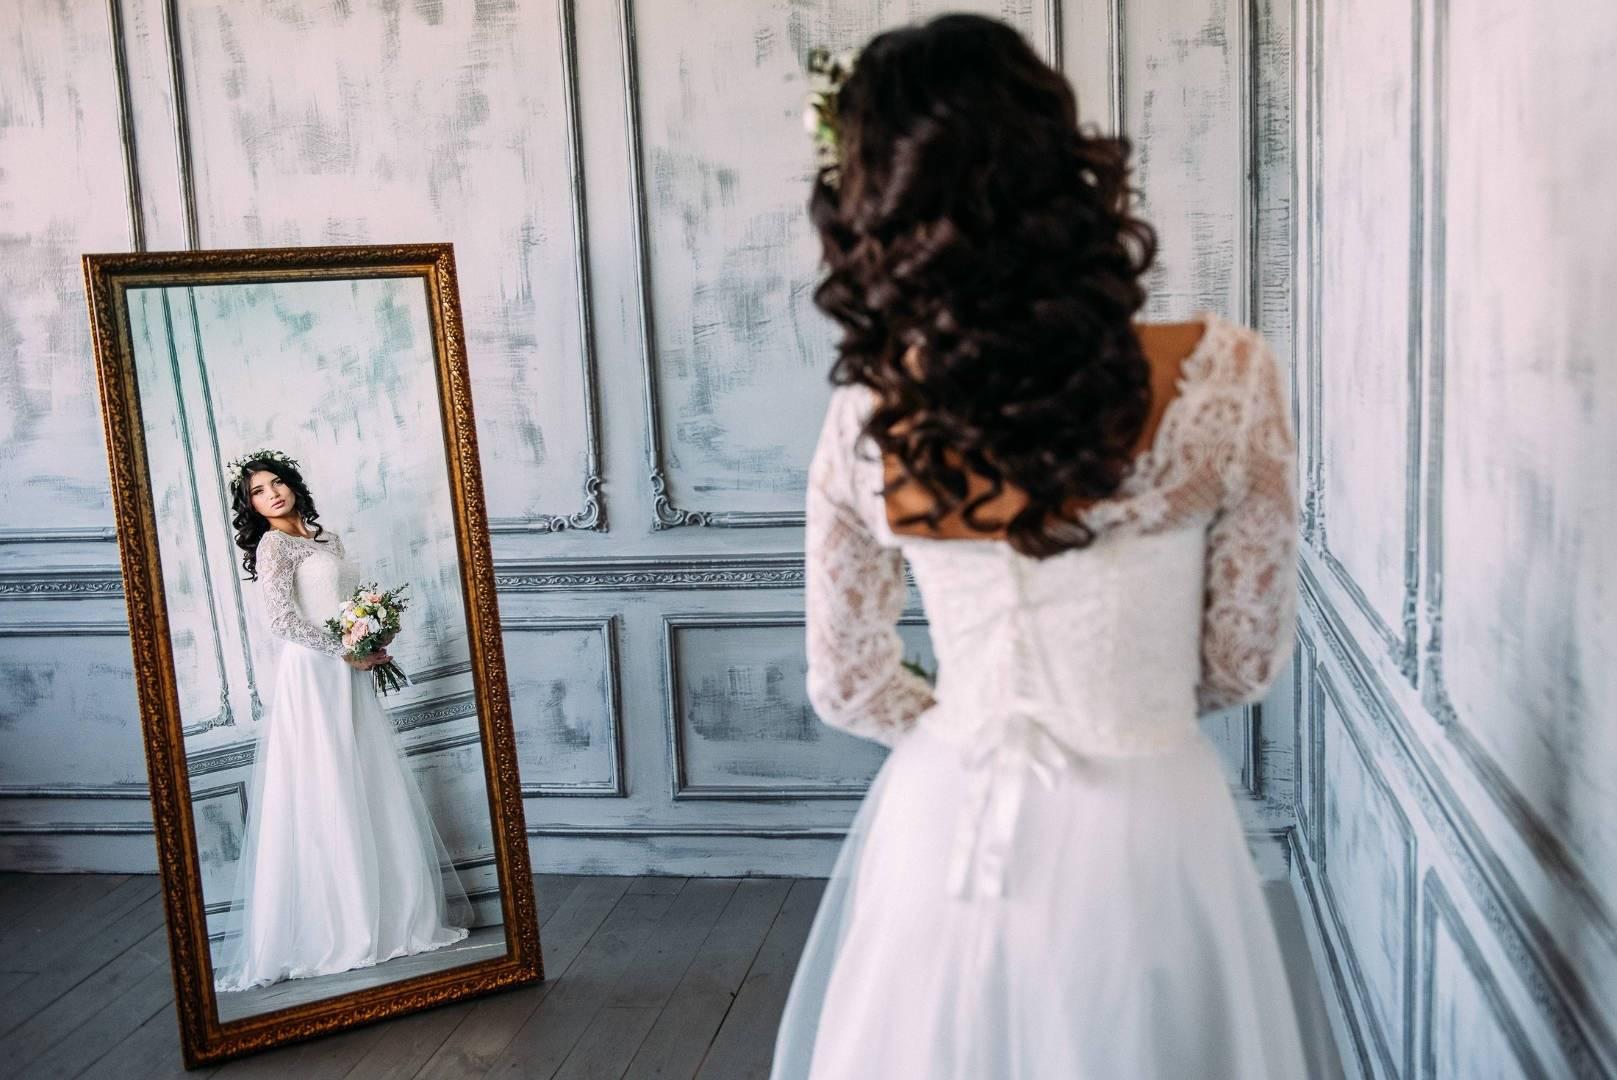 Свадебные приметы или как убежать от злой судьбы   идеи для свадьбы